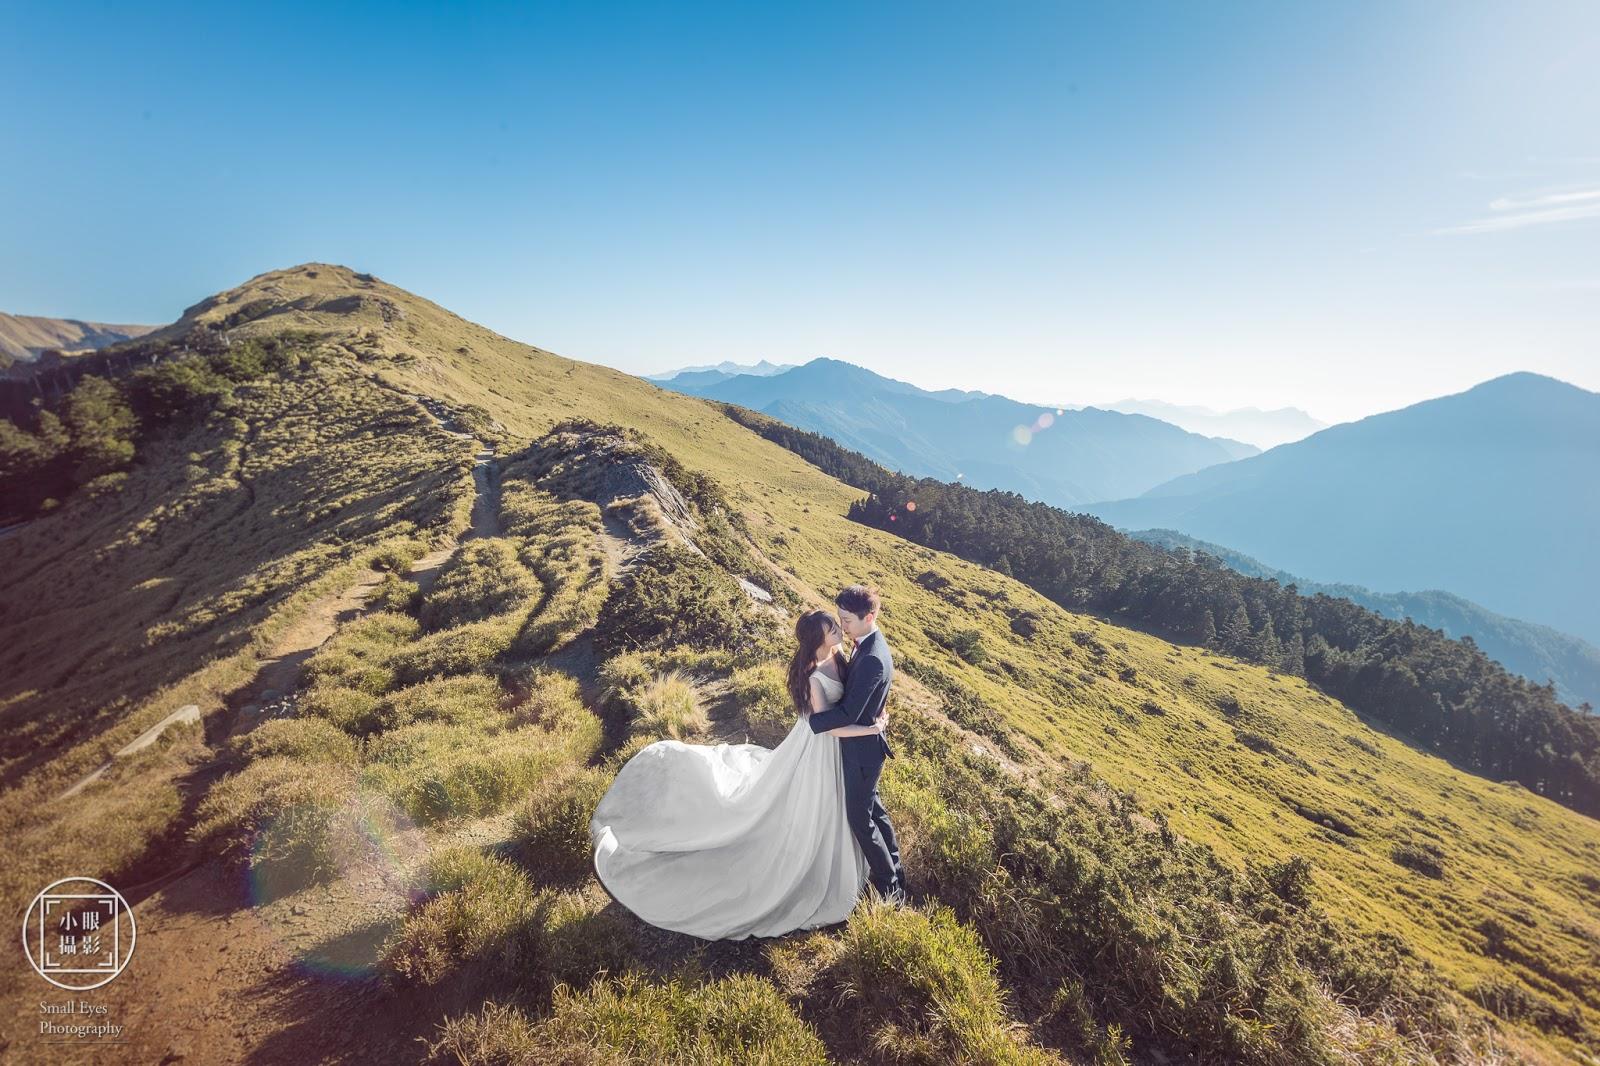 婚攝,小眼攝影,婚禮紀實,婚禮紀錄,婚紗,國內婚紗,海外婚紗,寫真,婚攝小眼,人像寫真,自主婚紗,自助婚紗,銀河婚紗,銀河,合歡山,武嶺,夏天,星星,登山,高山,夜景,夜拍,星空,老英格蘭,清境農場